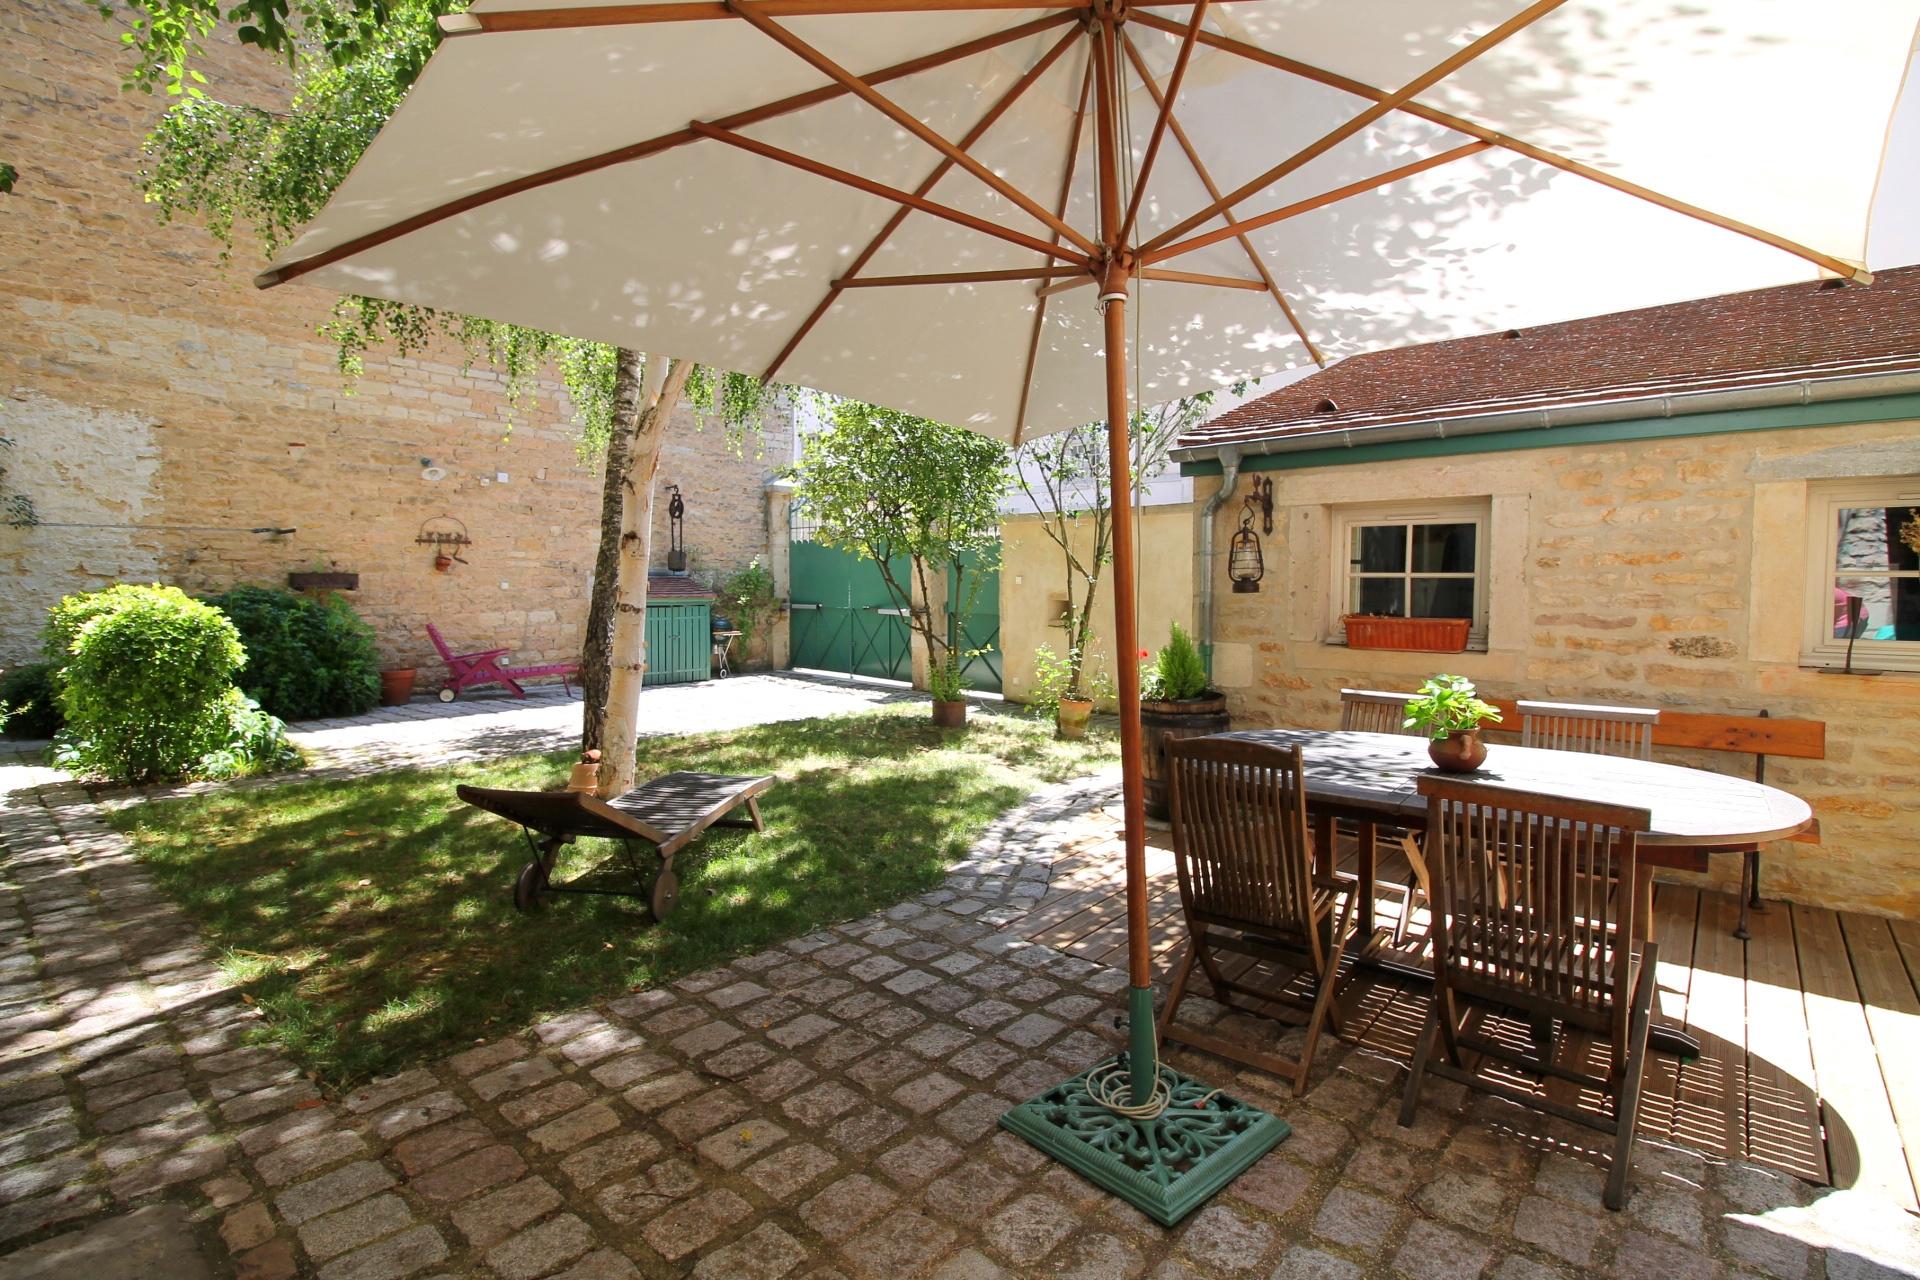 vente Vente maison de ville avec jardin et stationnement DIJON CENTRE